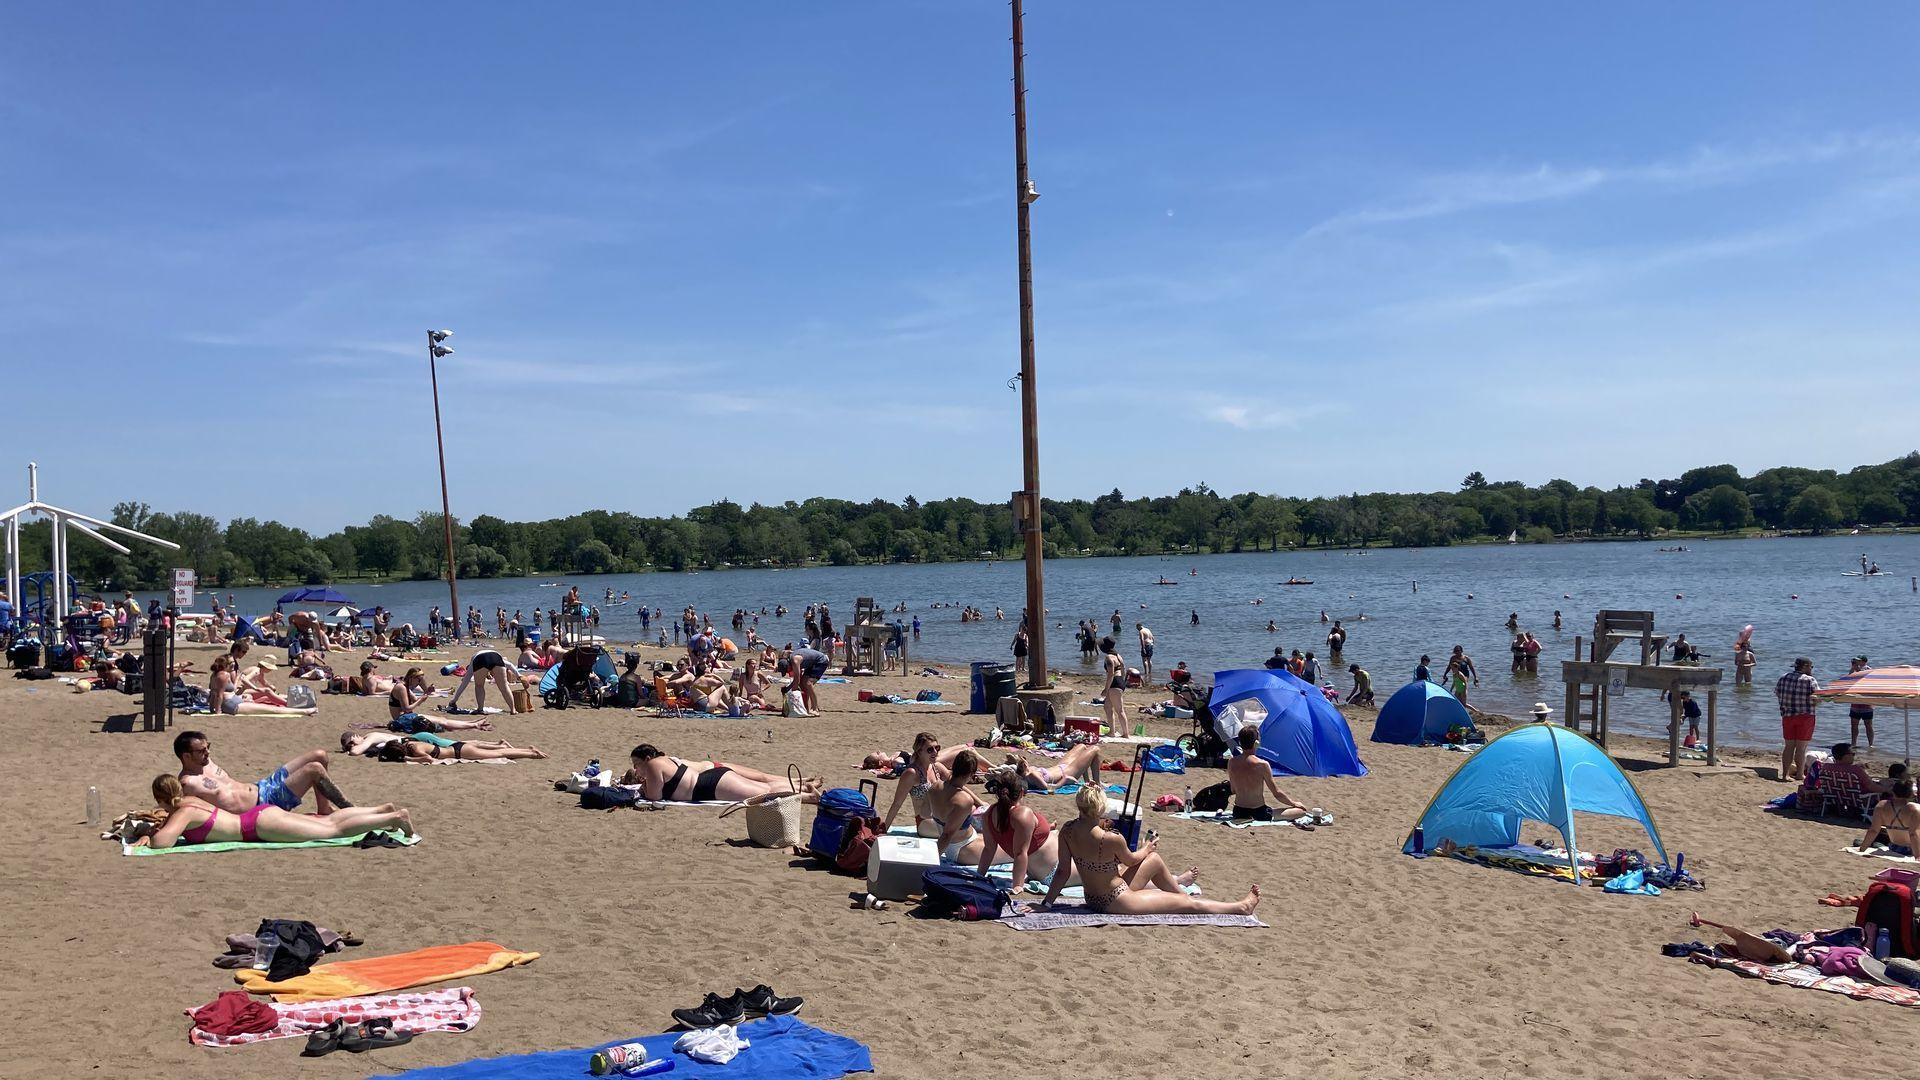 People sunbathe at Minneapolis' Lake Nokomis Beach.